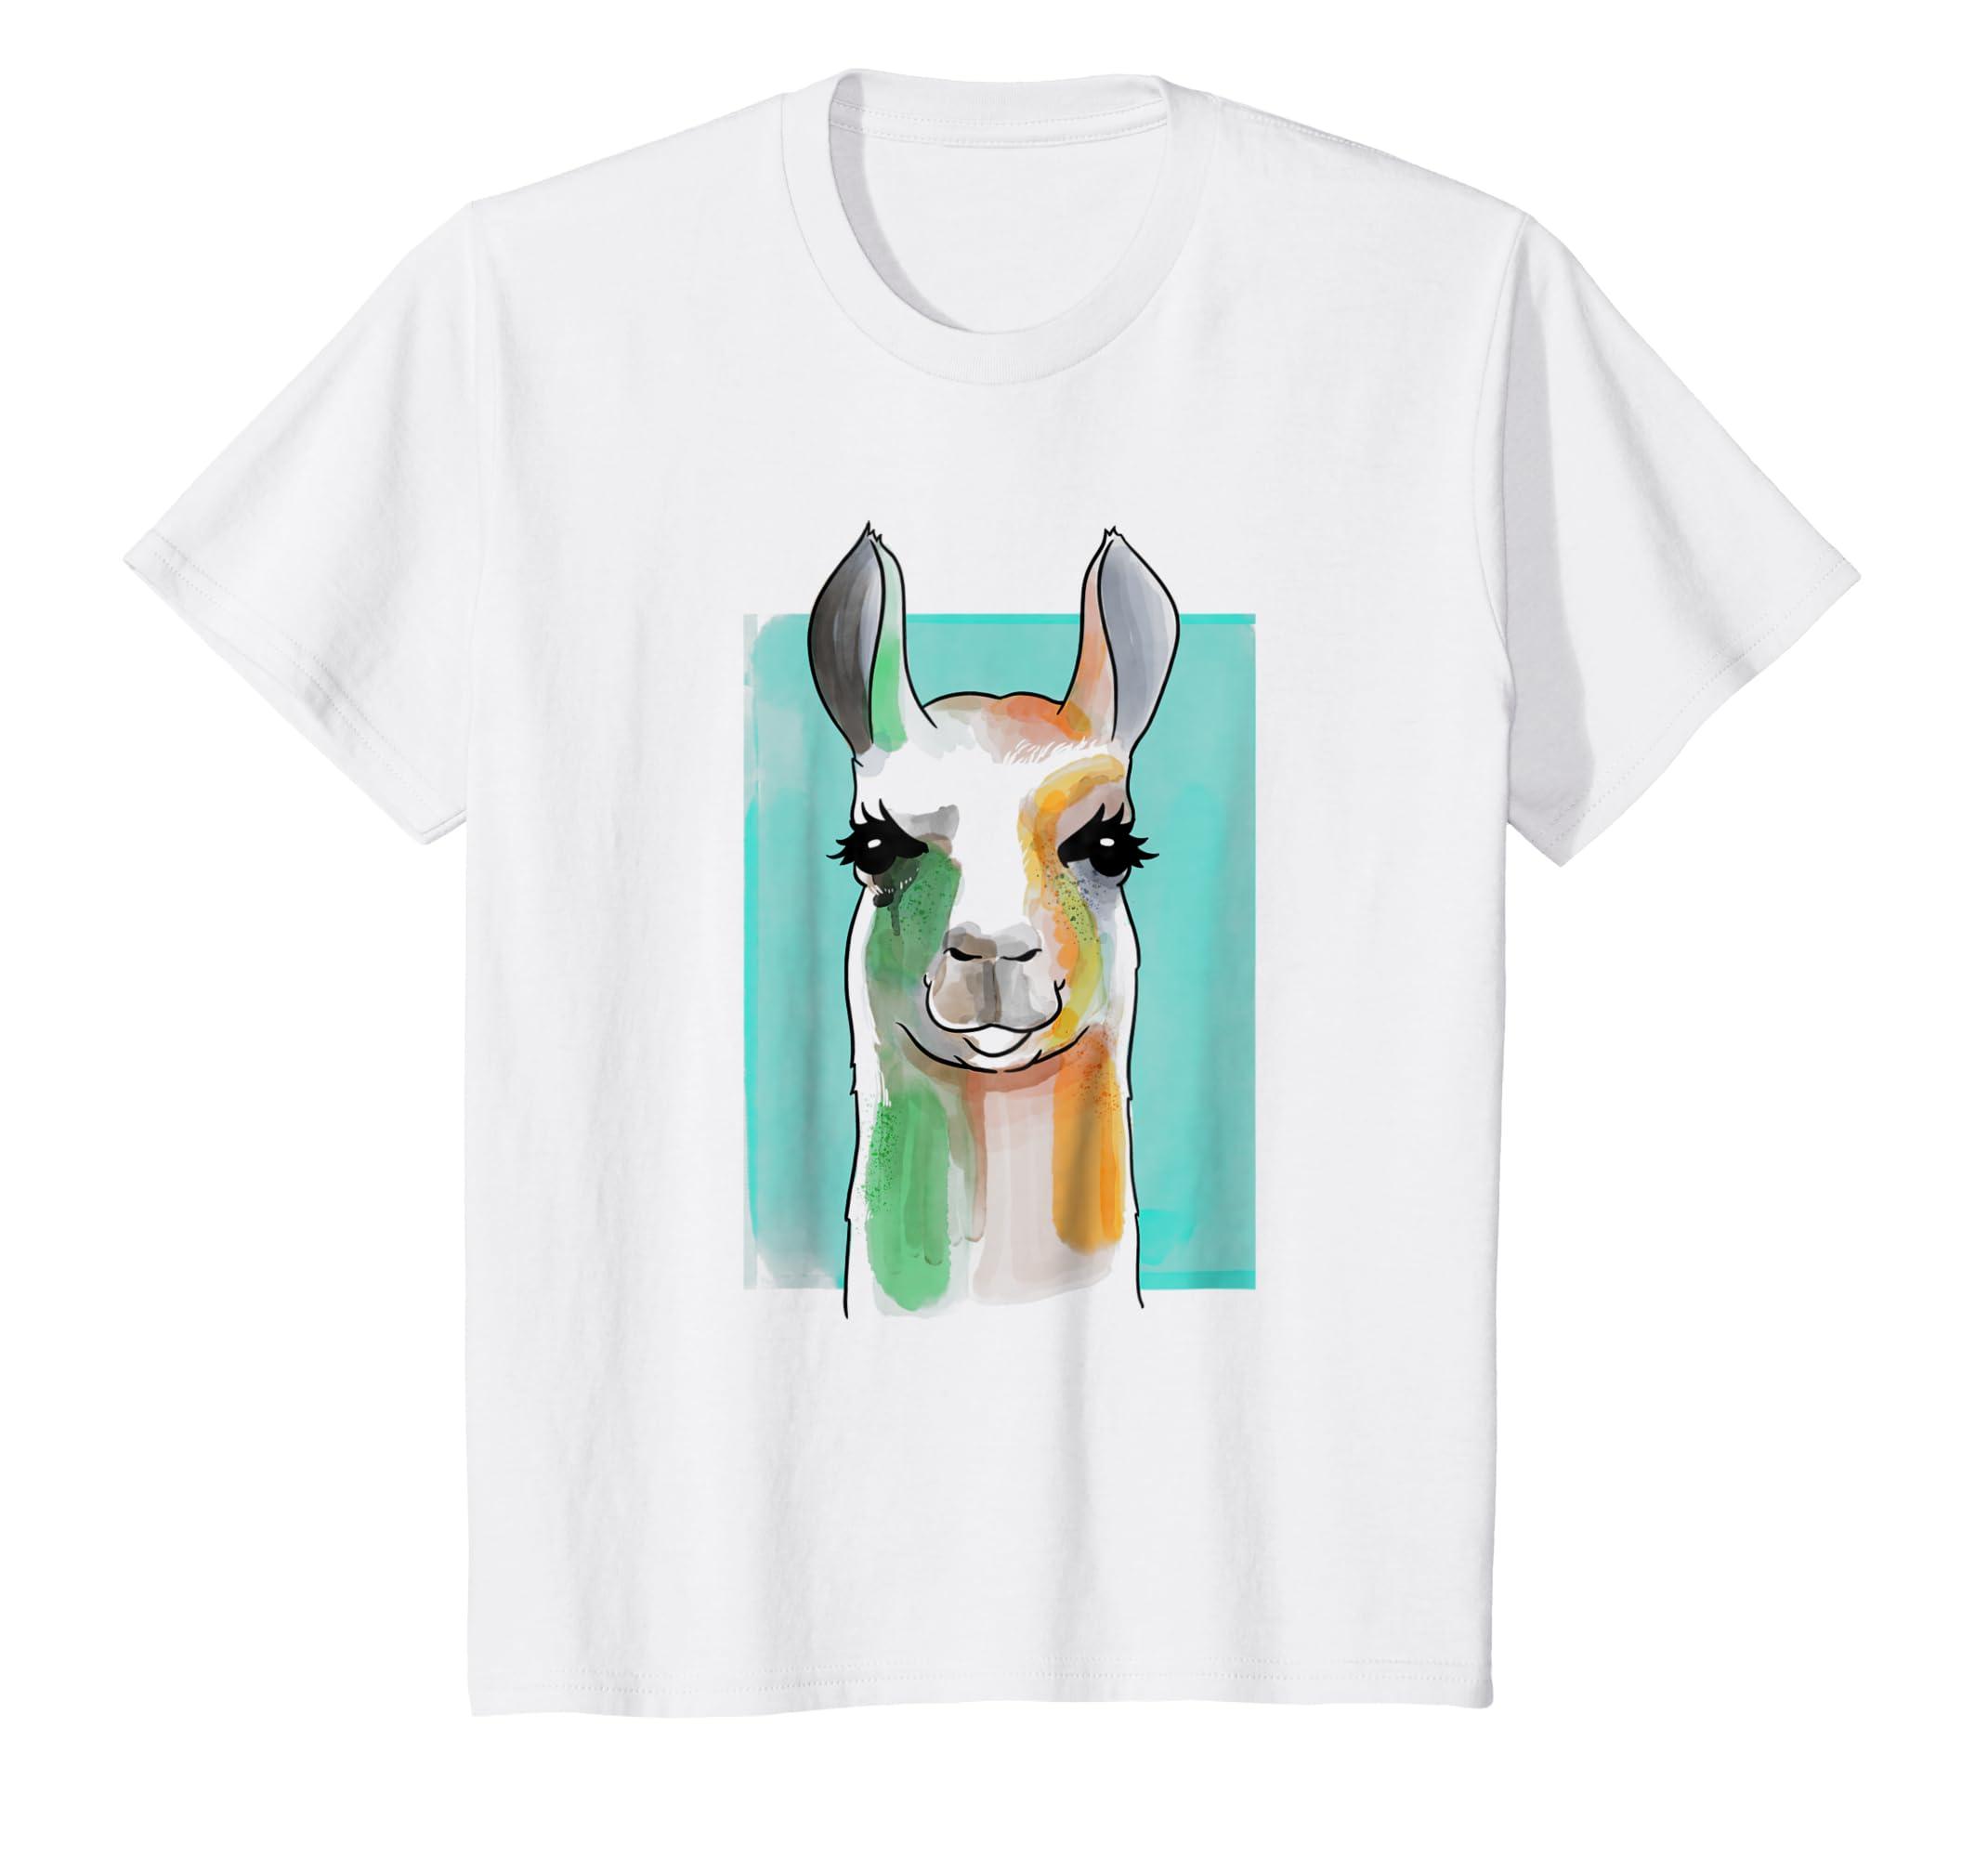 Amazon Llama Watercolor Printed T Shirt Clothing